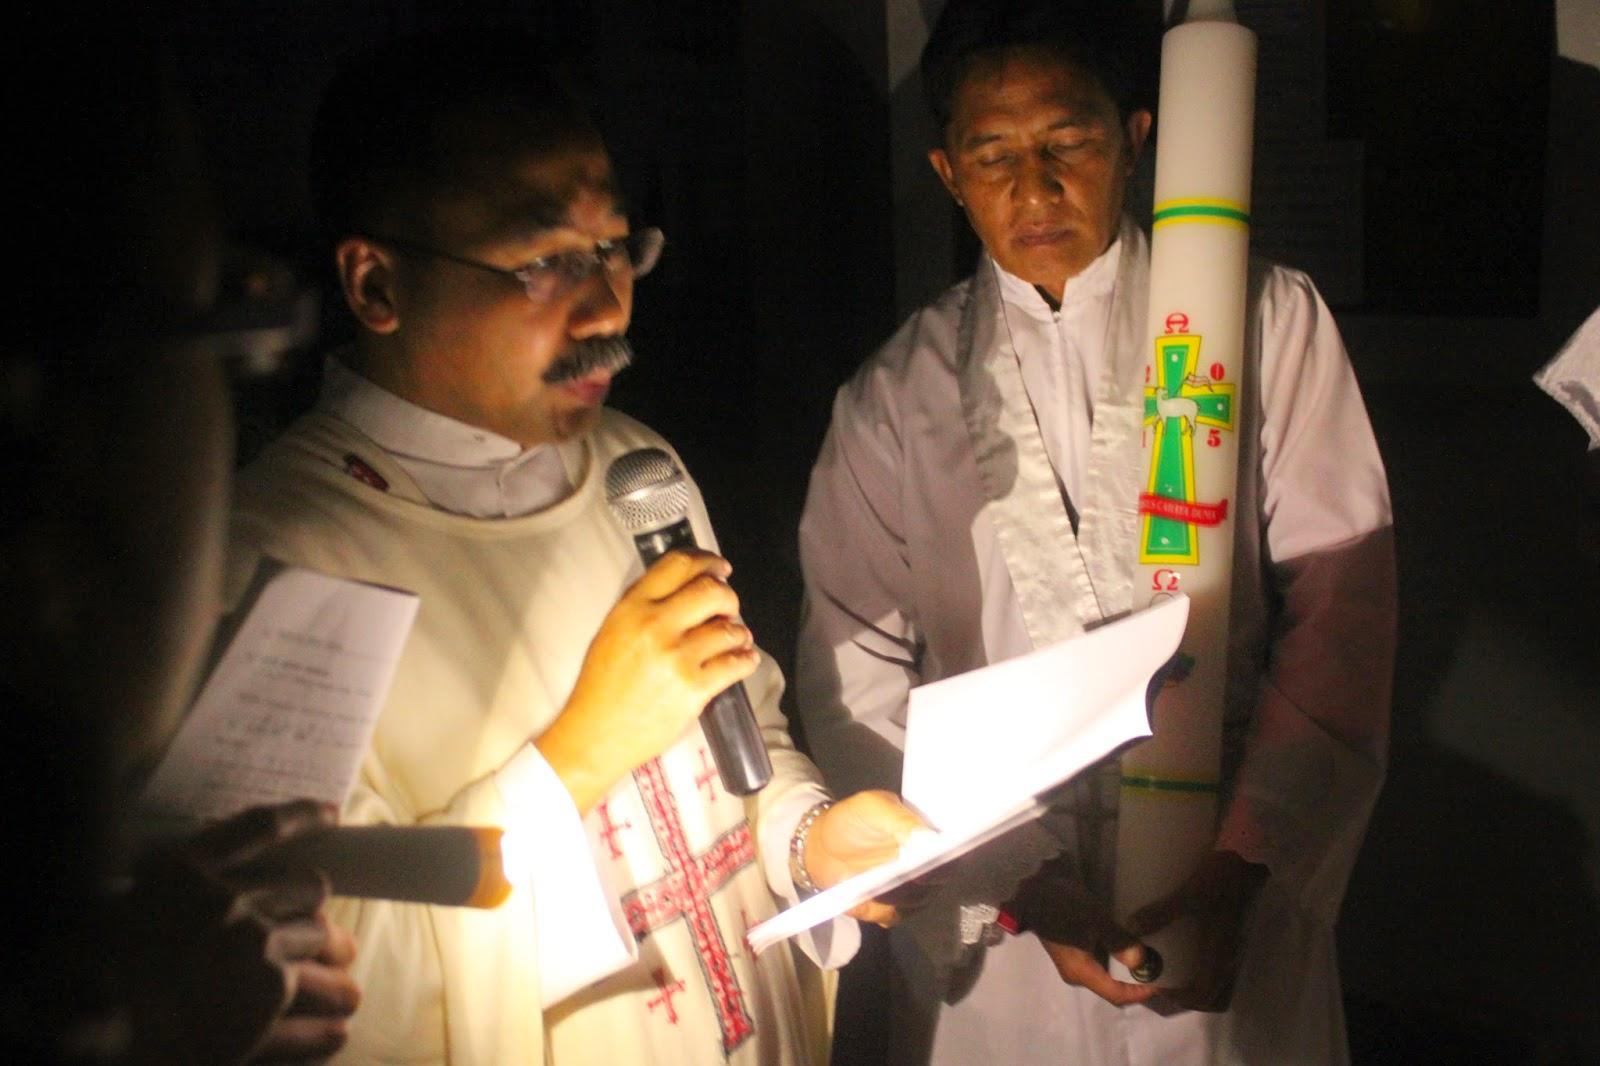 Breaking News: Pastor Dr. Robertus Rubiyatmoko Pr, Uskup Agung Semarang